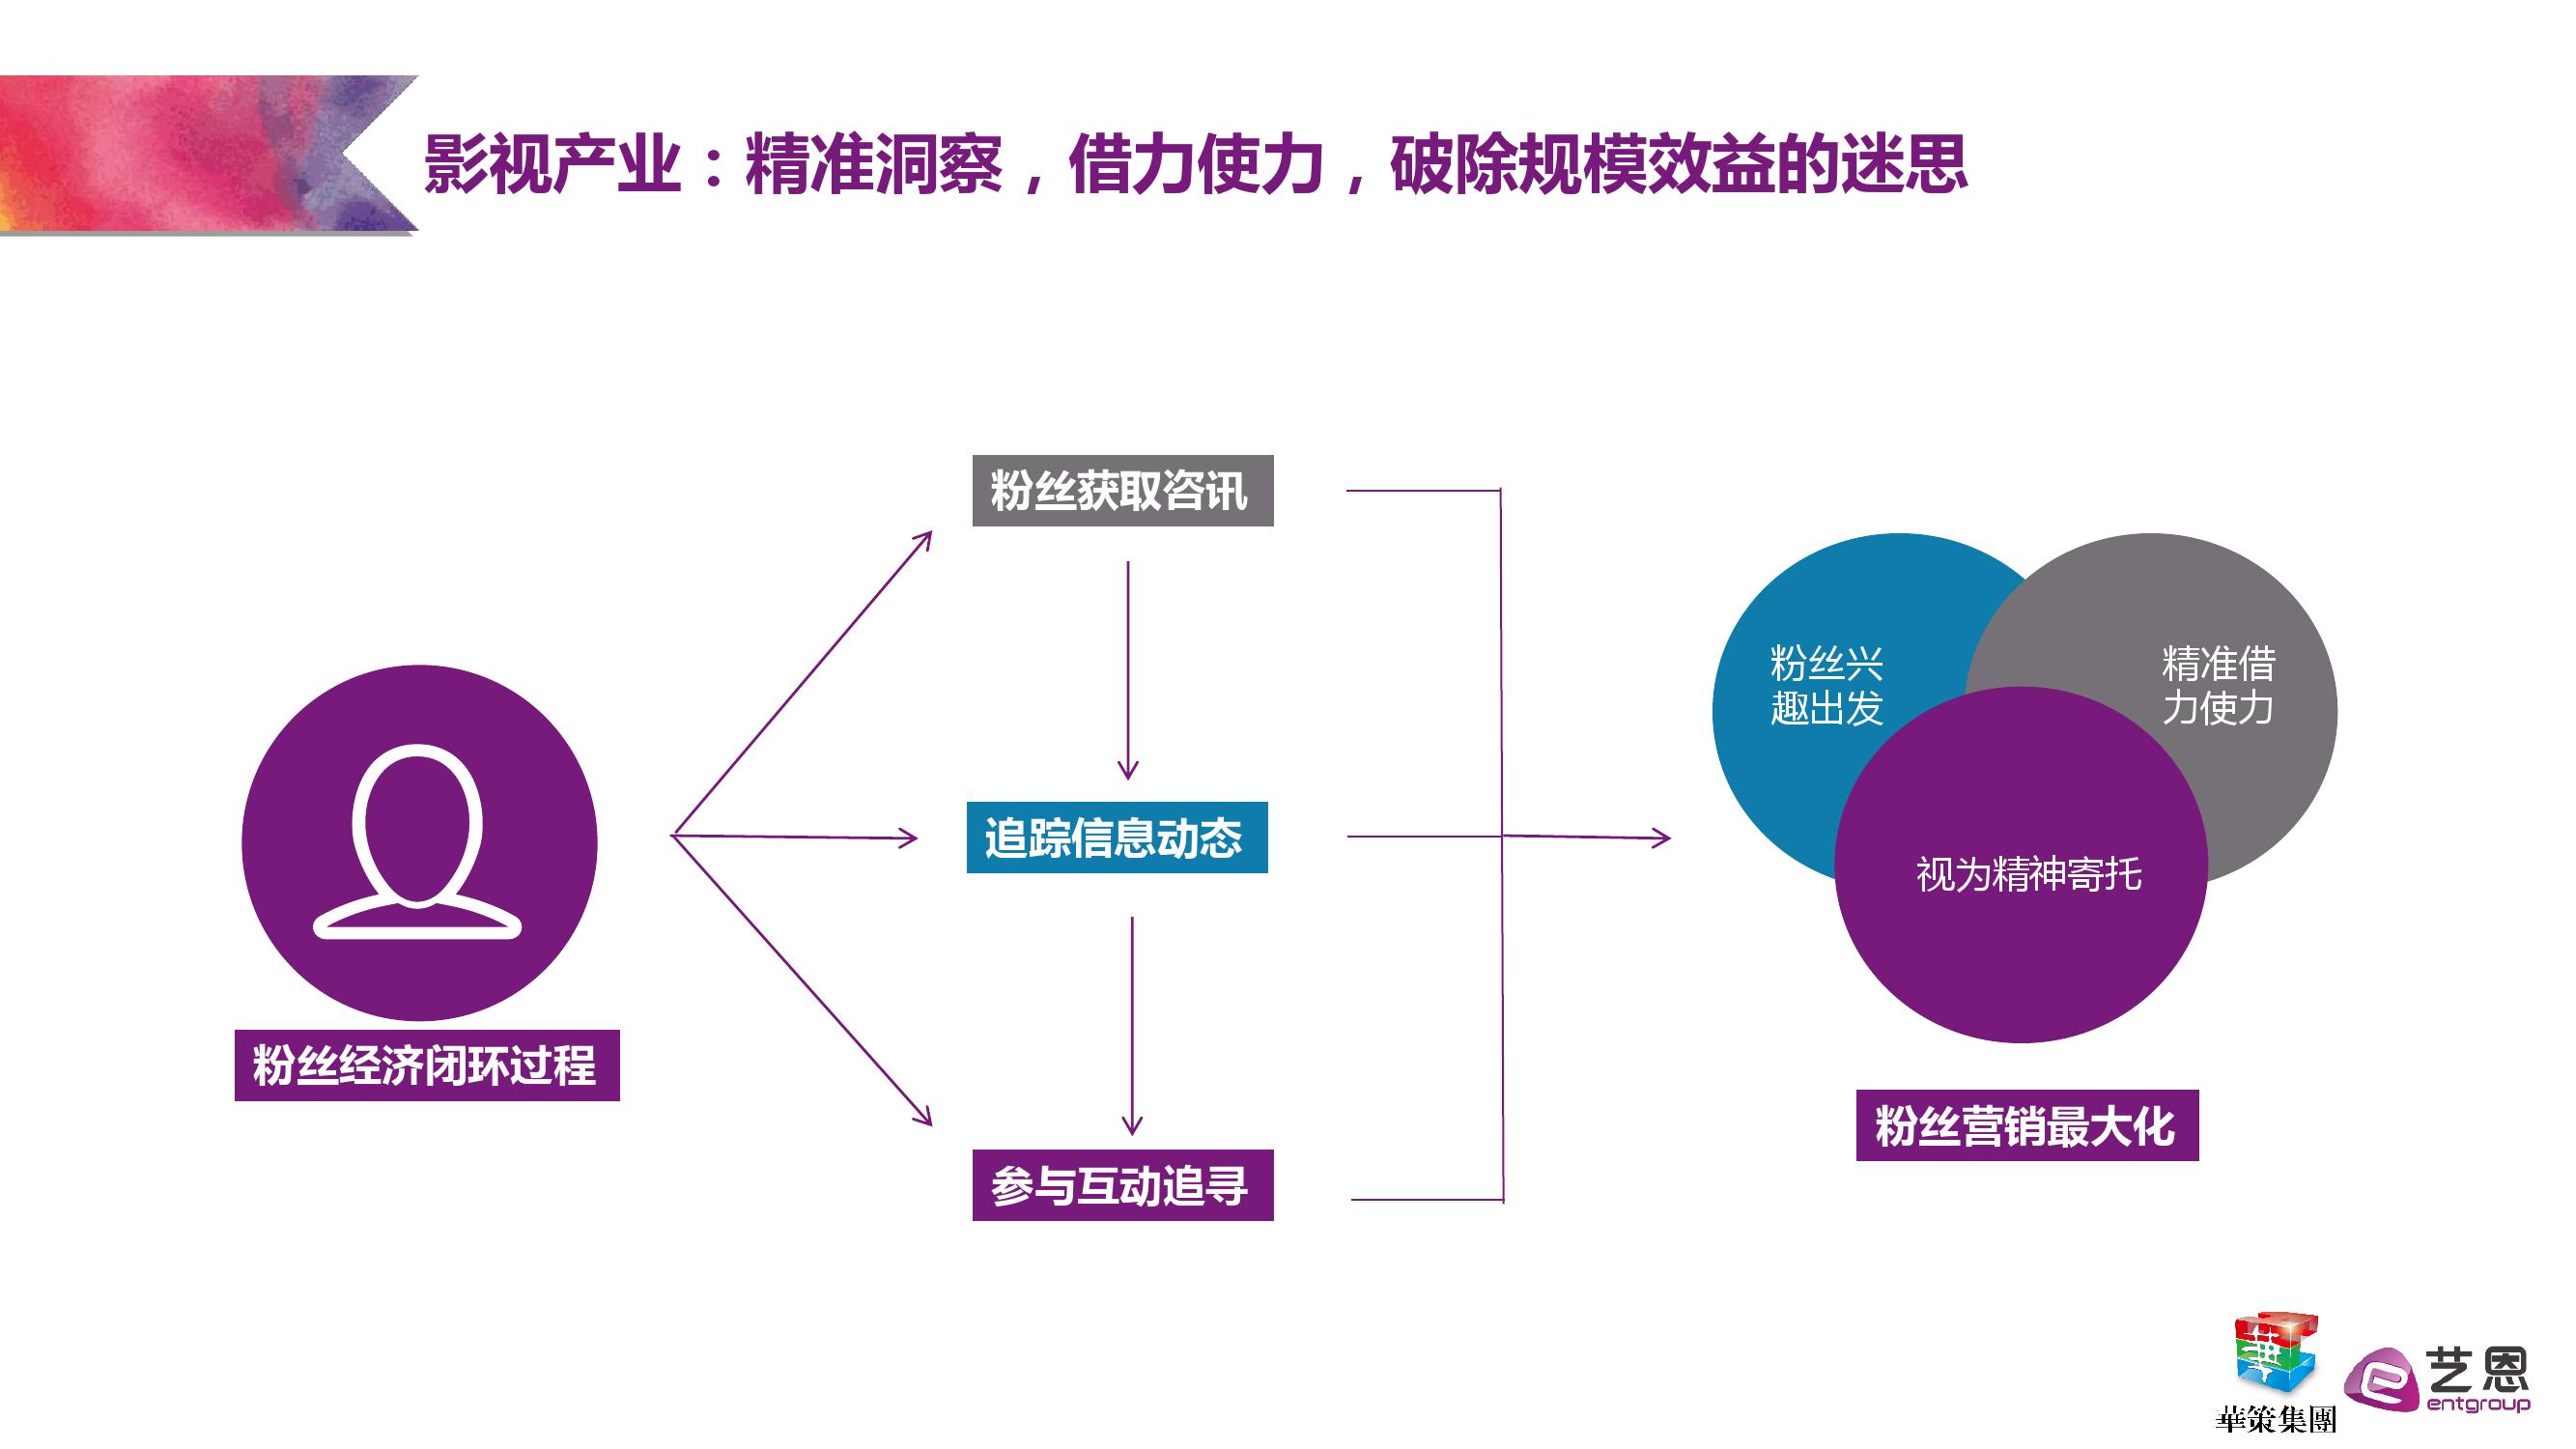 艺恩:粉丝经济研究报告_000033